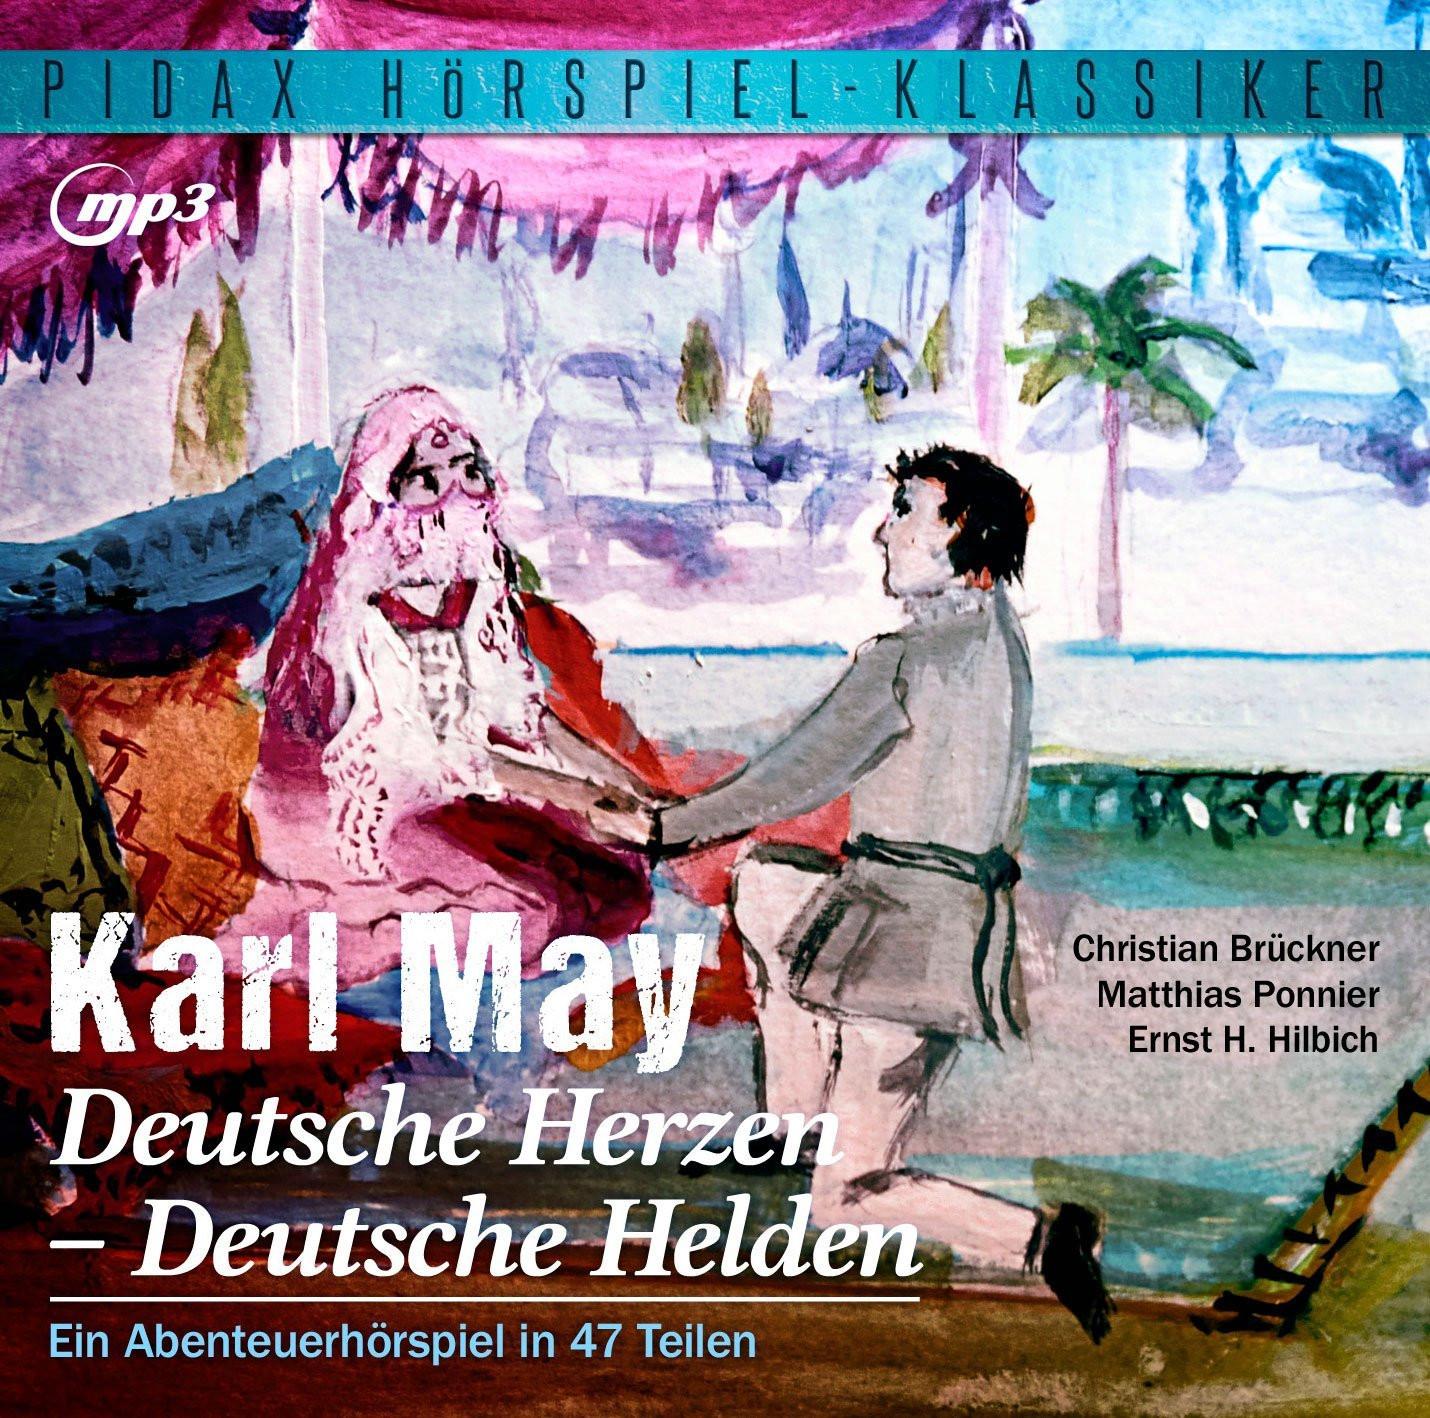 Pidax Hörspiel Klassiker - Karl May: Deutsche Herzen - Deutsche